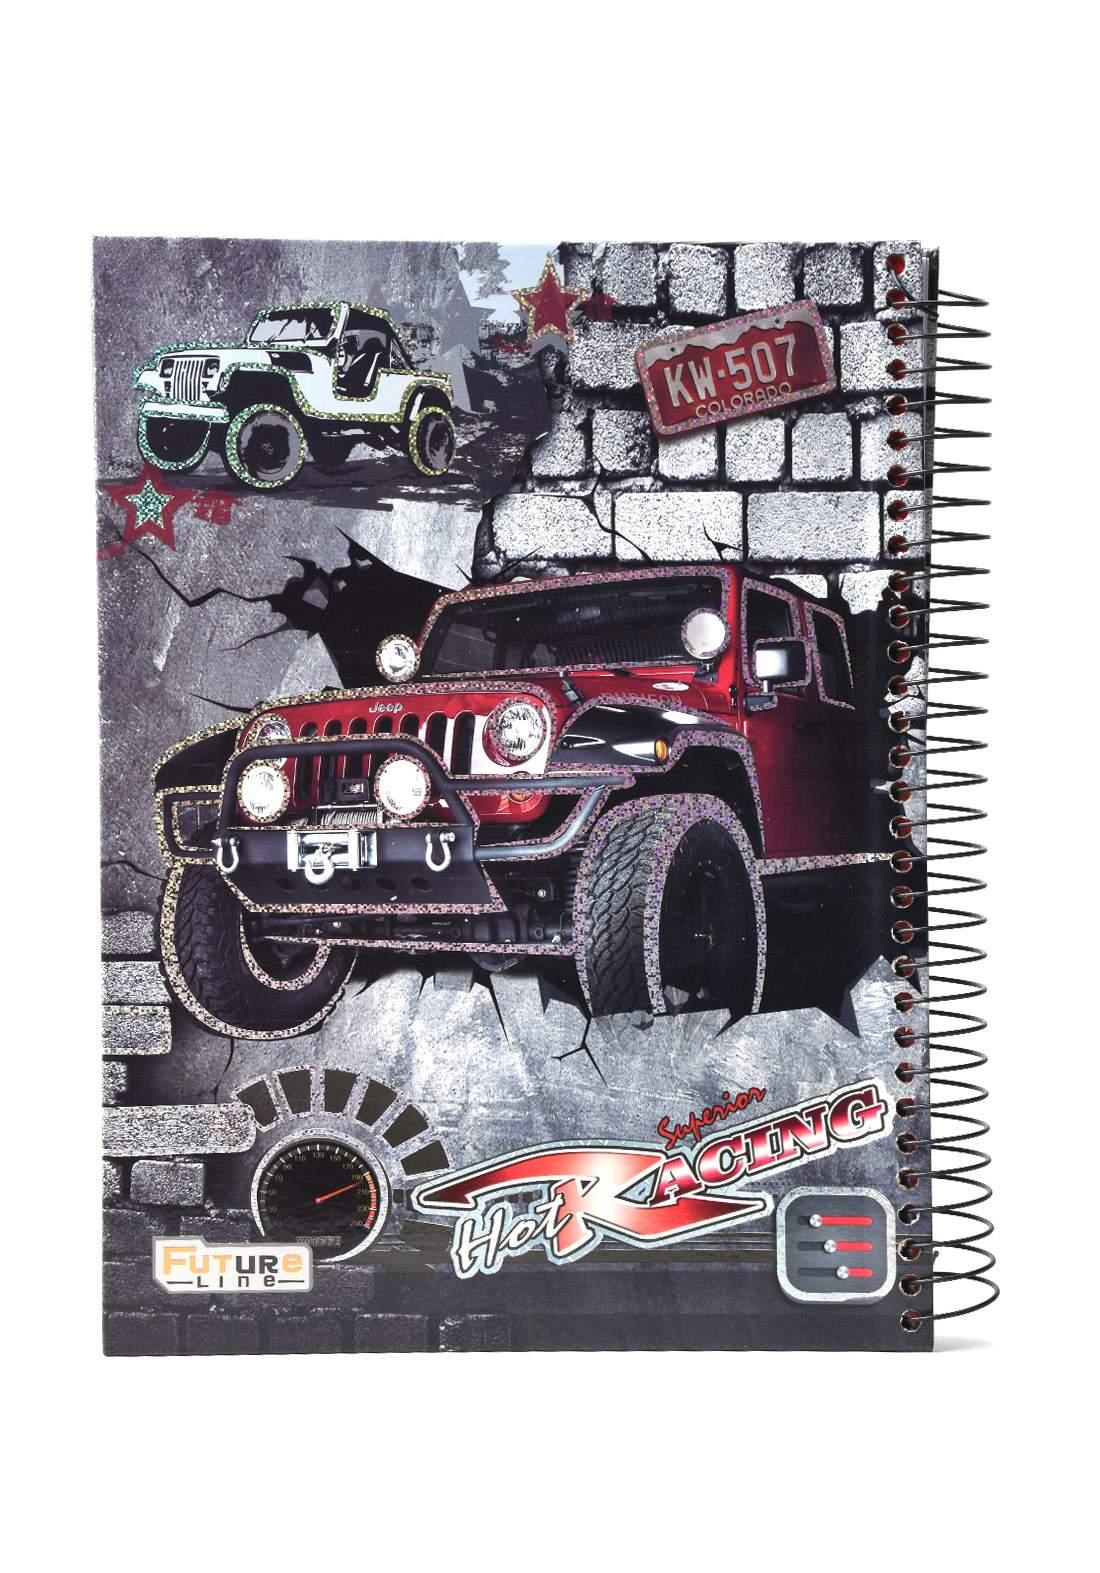 دفتر 200 ورقة سيم برسمة سيارة KHB-800